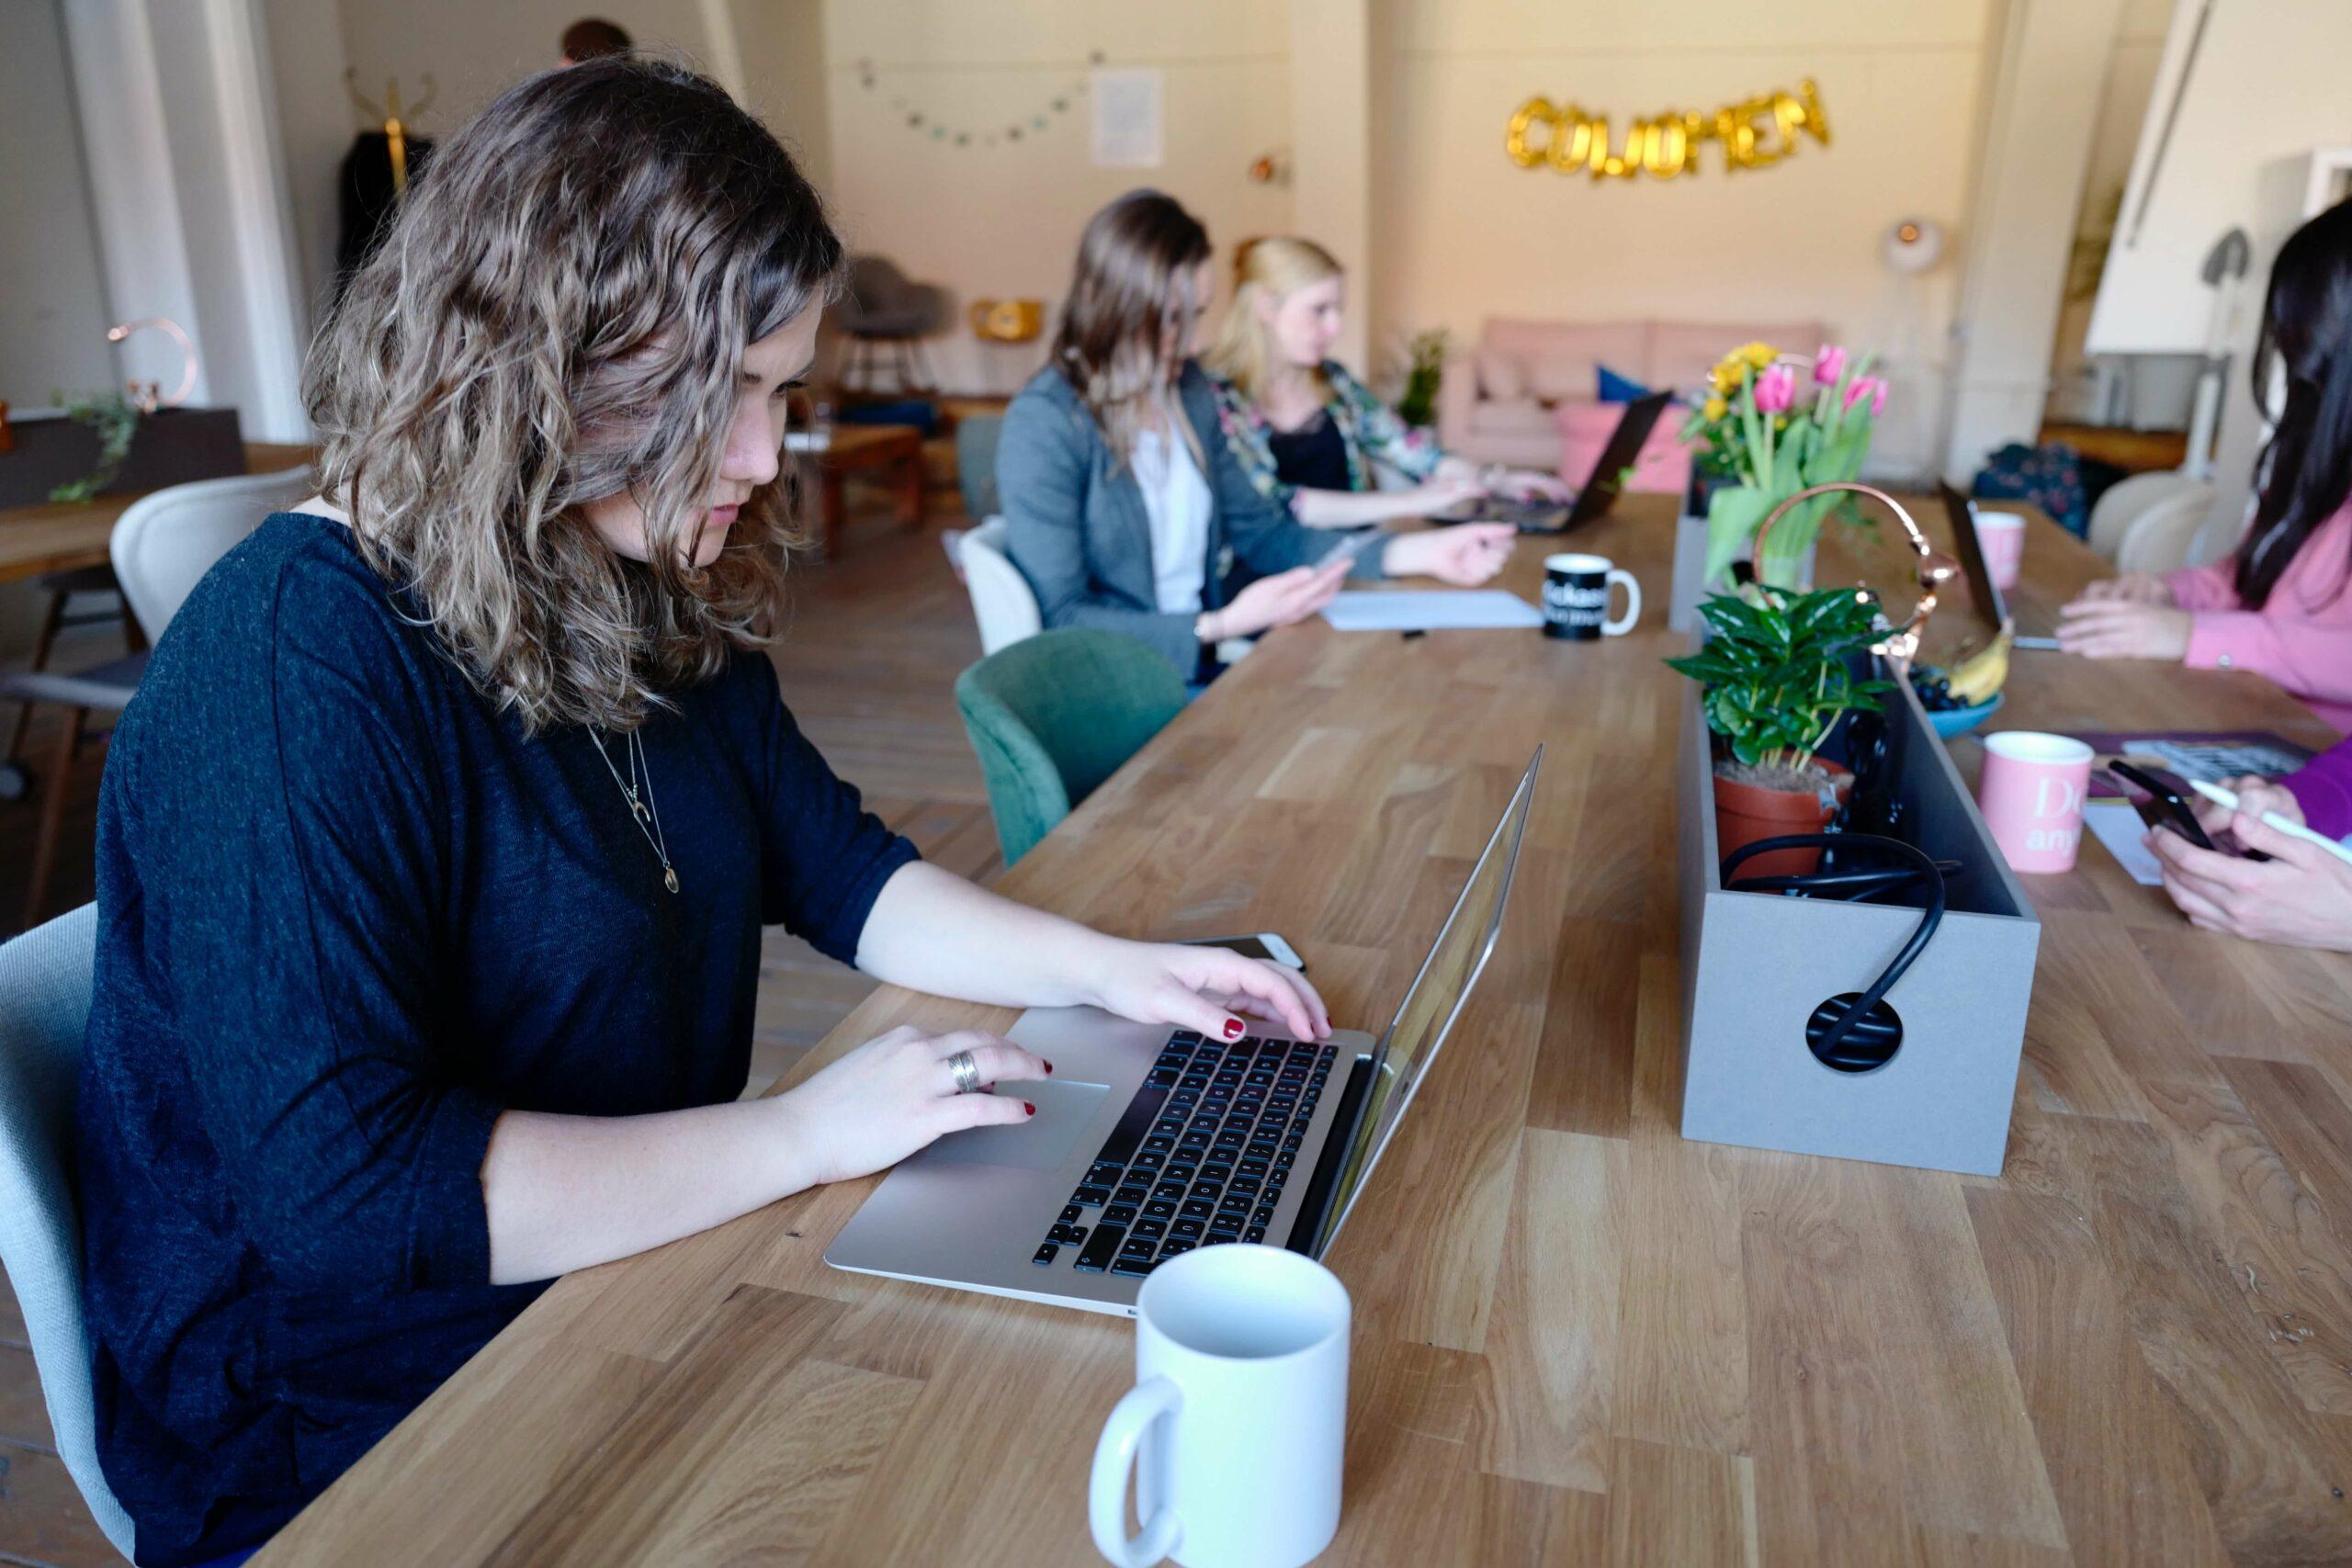 Freelancer-Tipp: Den passenden Arbeitsplatz finden